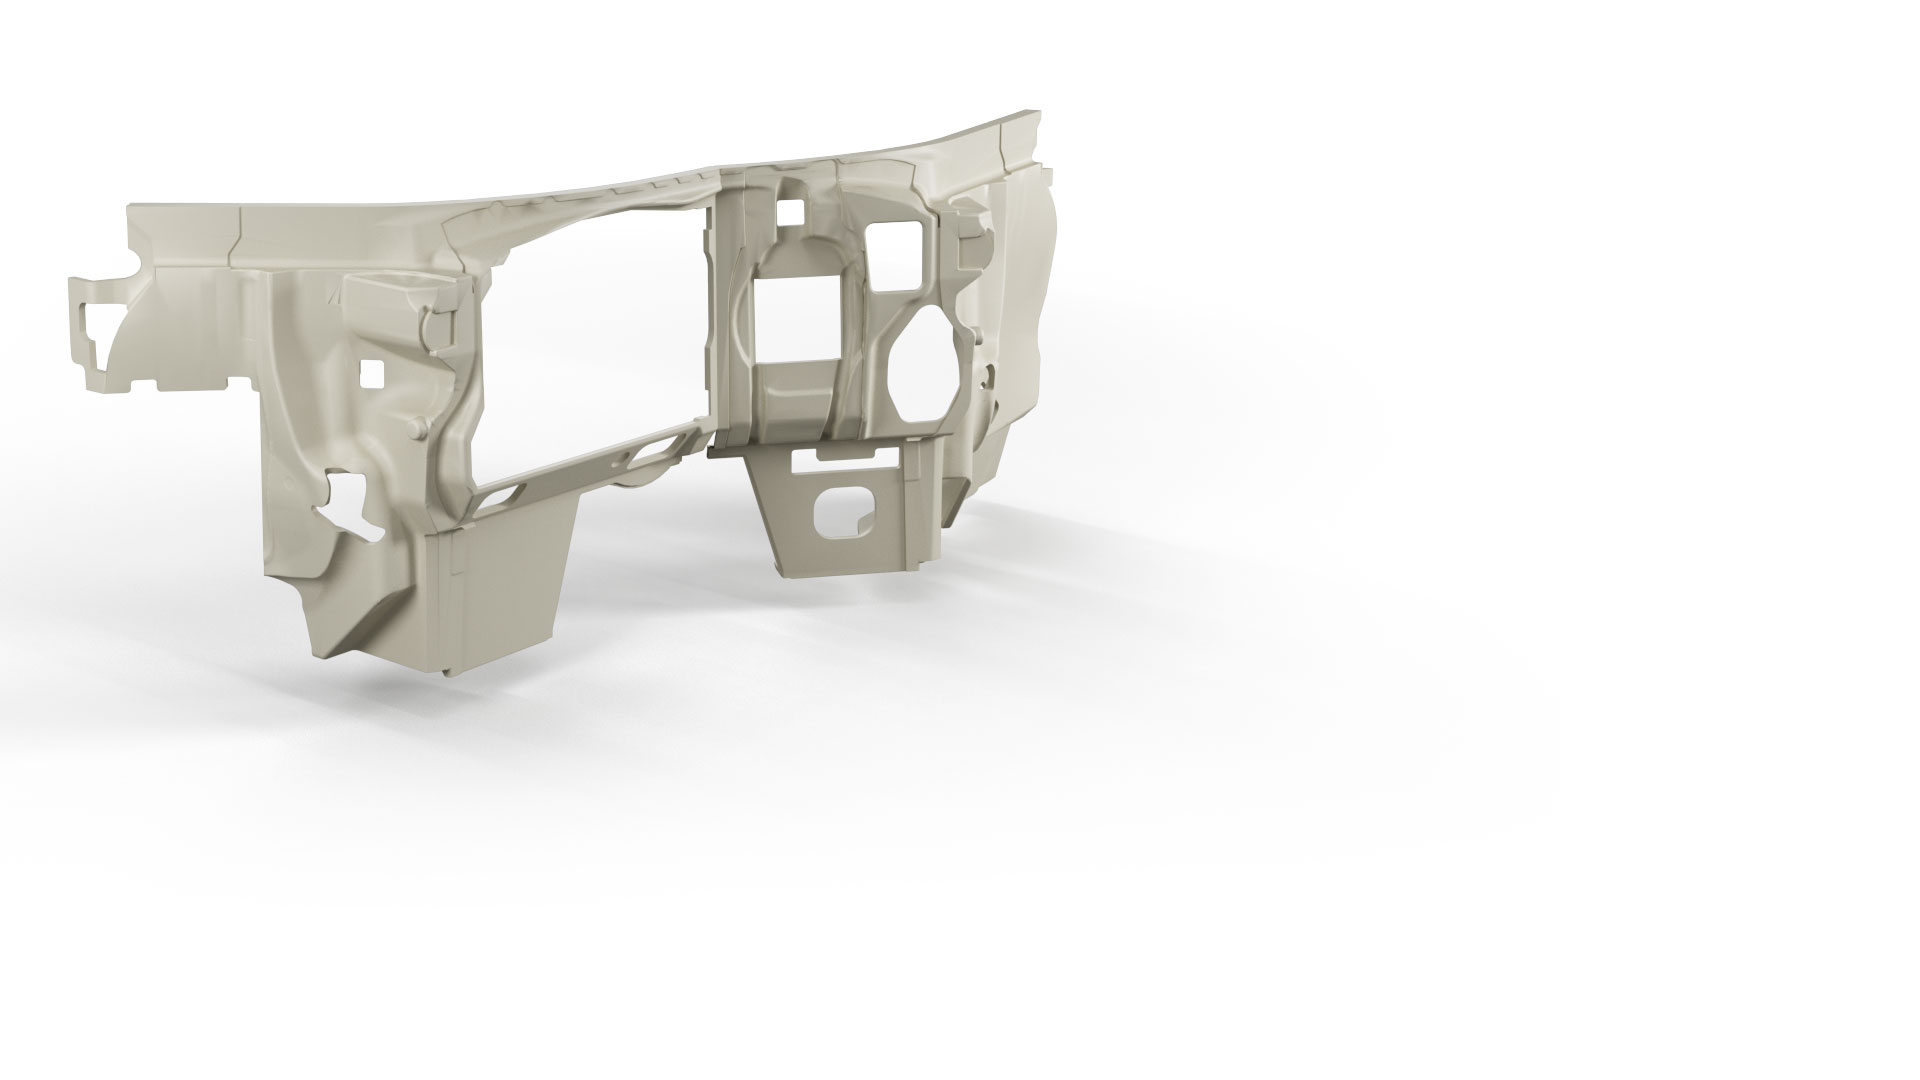 automotive-front-end-repair-molds-ennegi